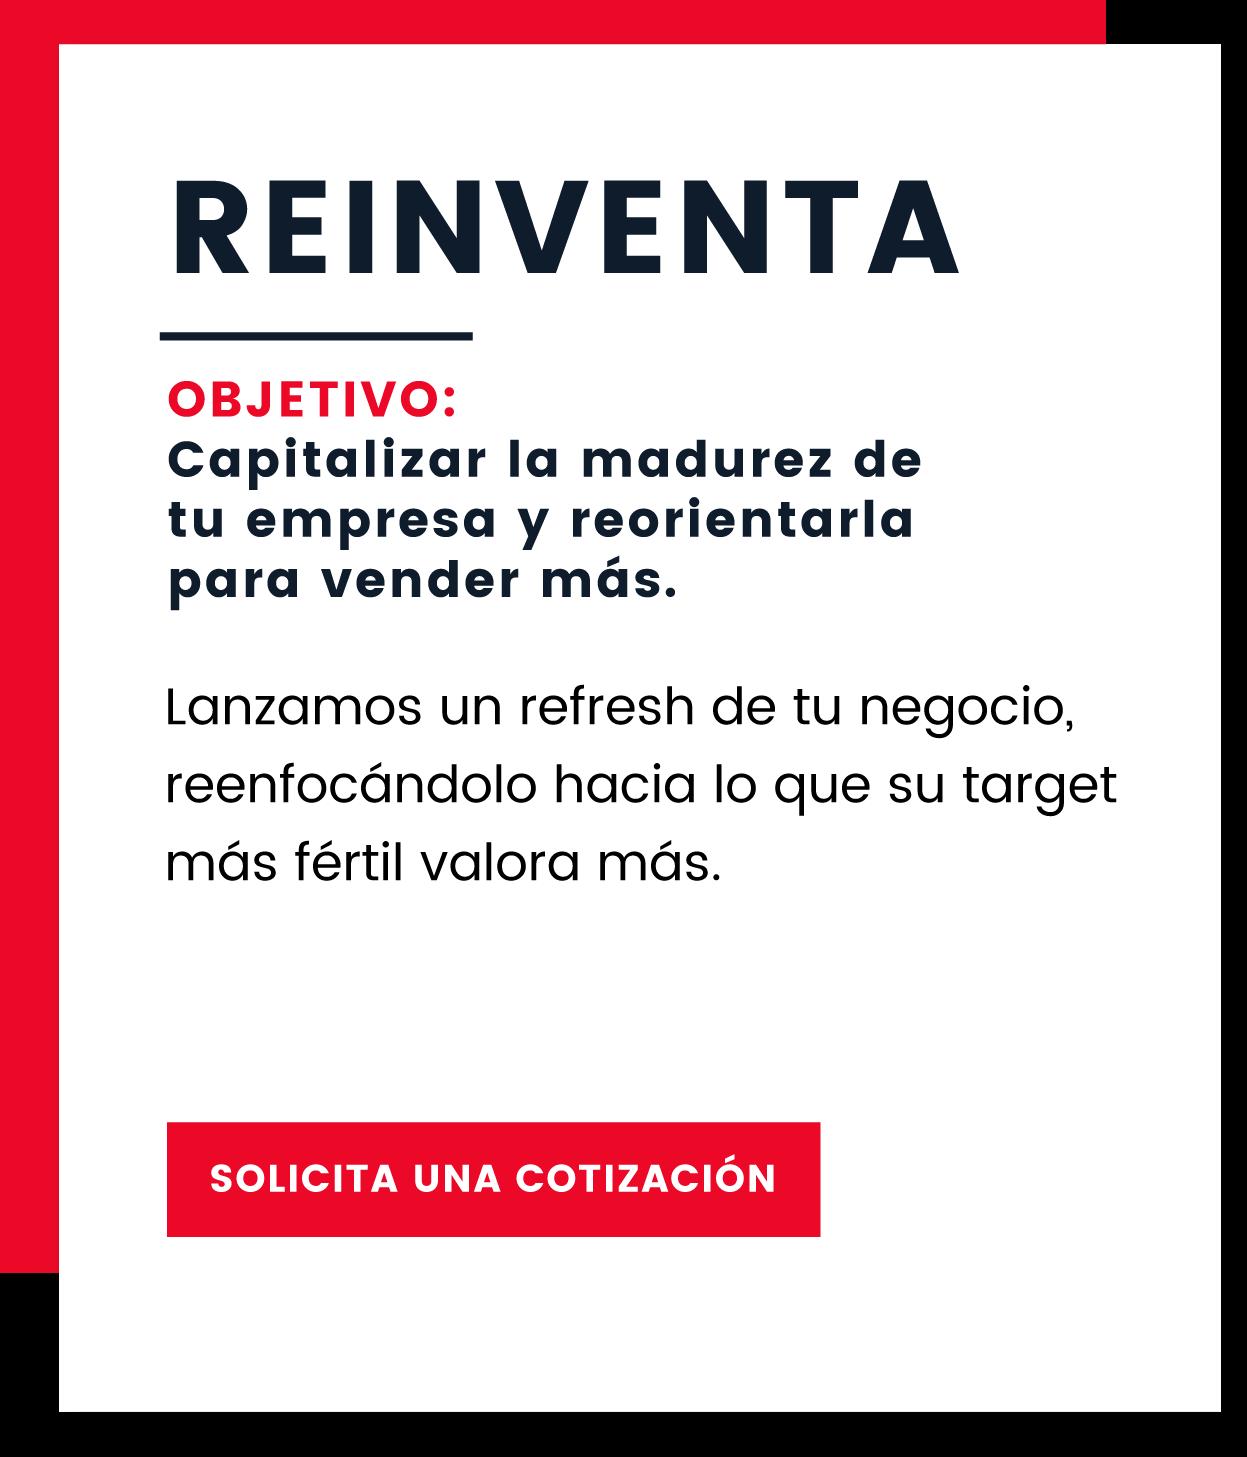 EG_Elementos_Estrategias_Pqt 3